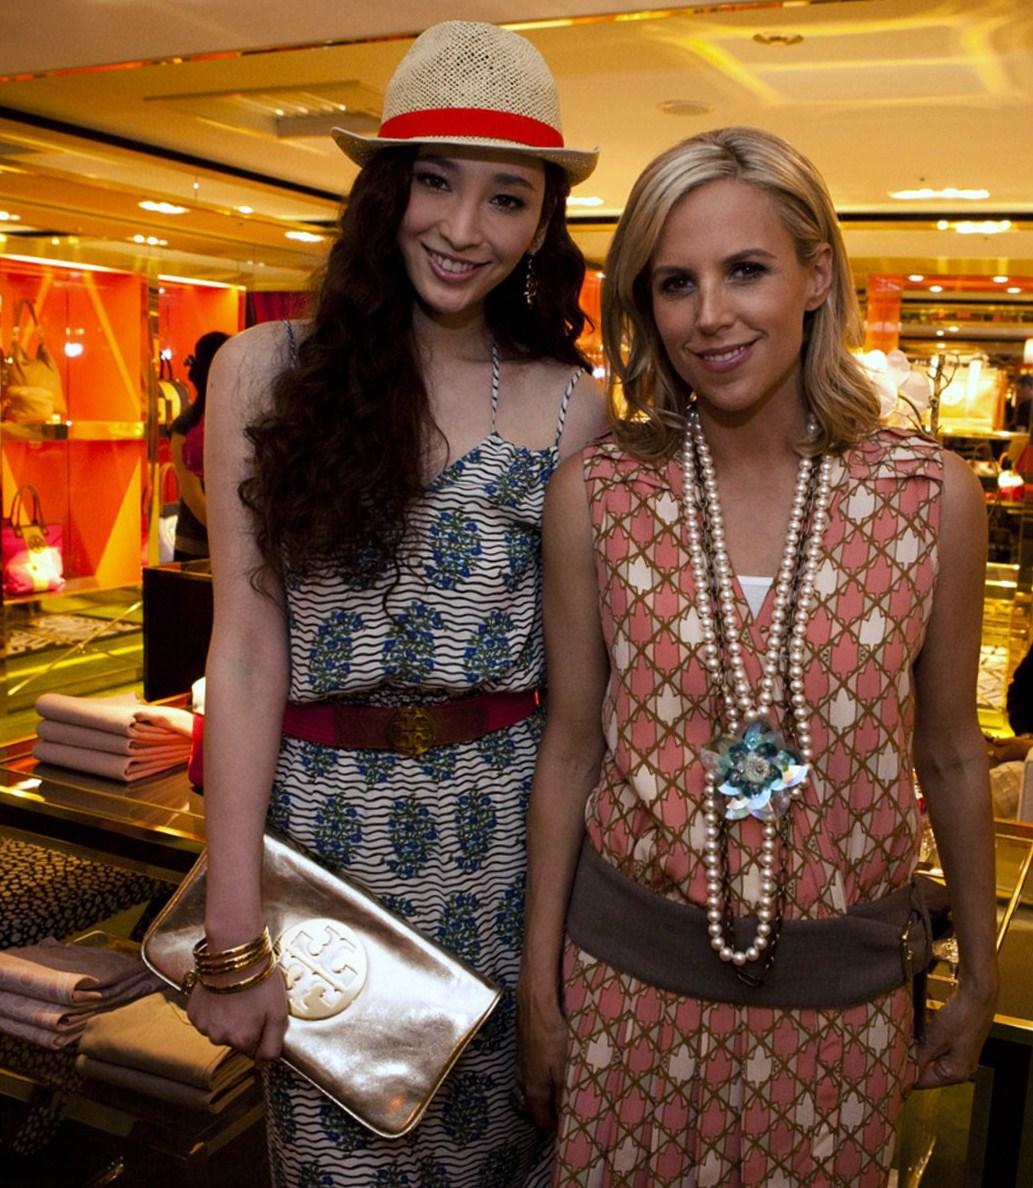 當代美國女性設計師Tory Burch 首次蒞臨台灣參加麗晶精品Tory Burch 形象店開幕